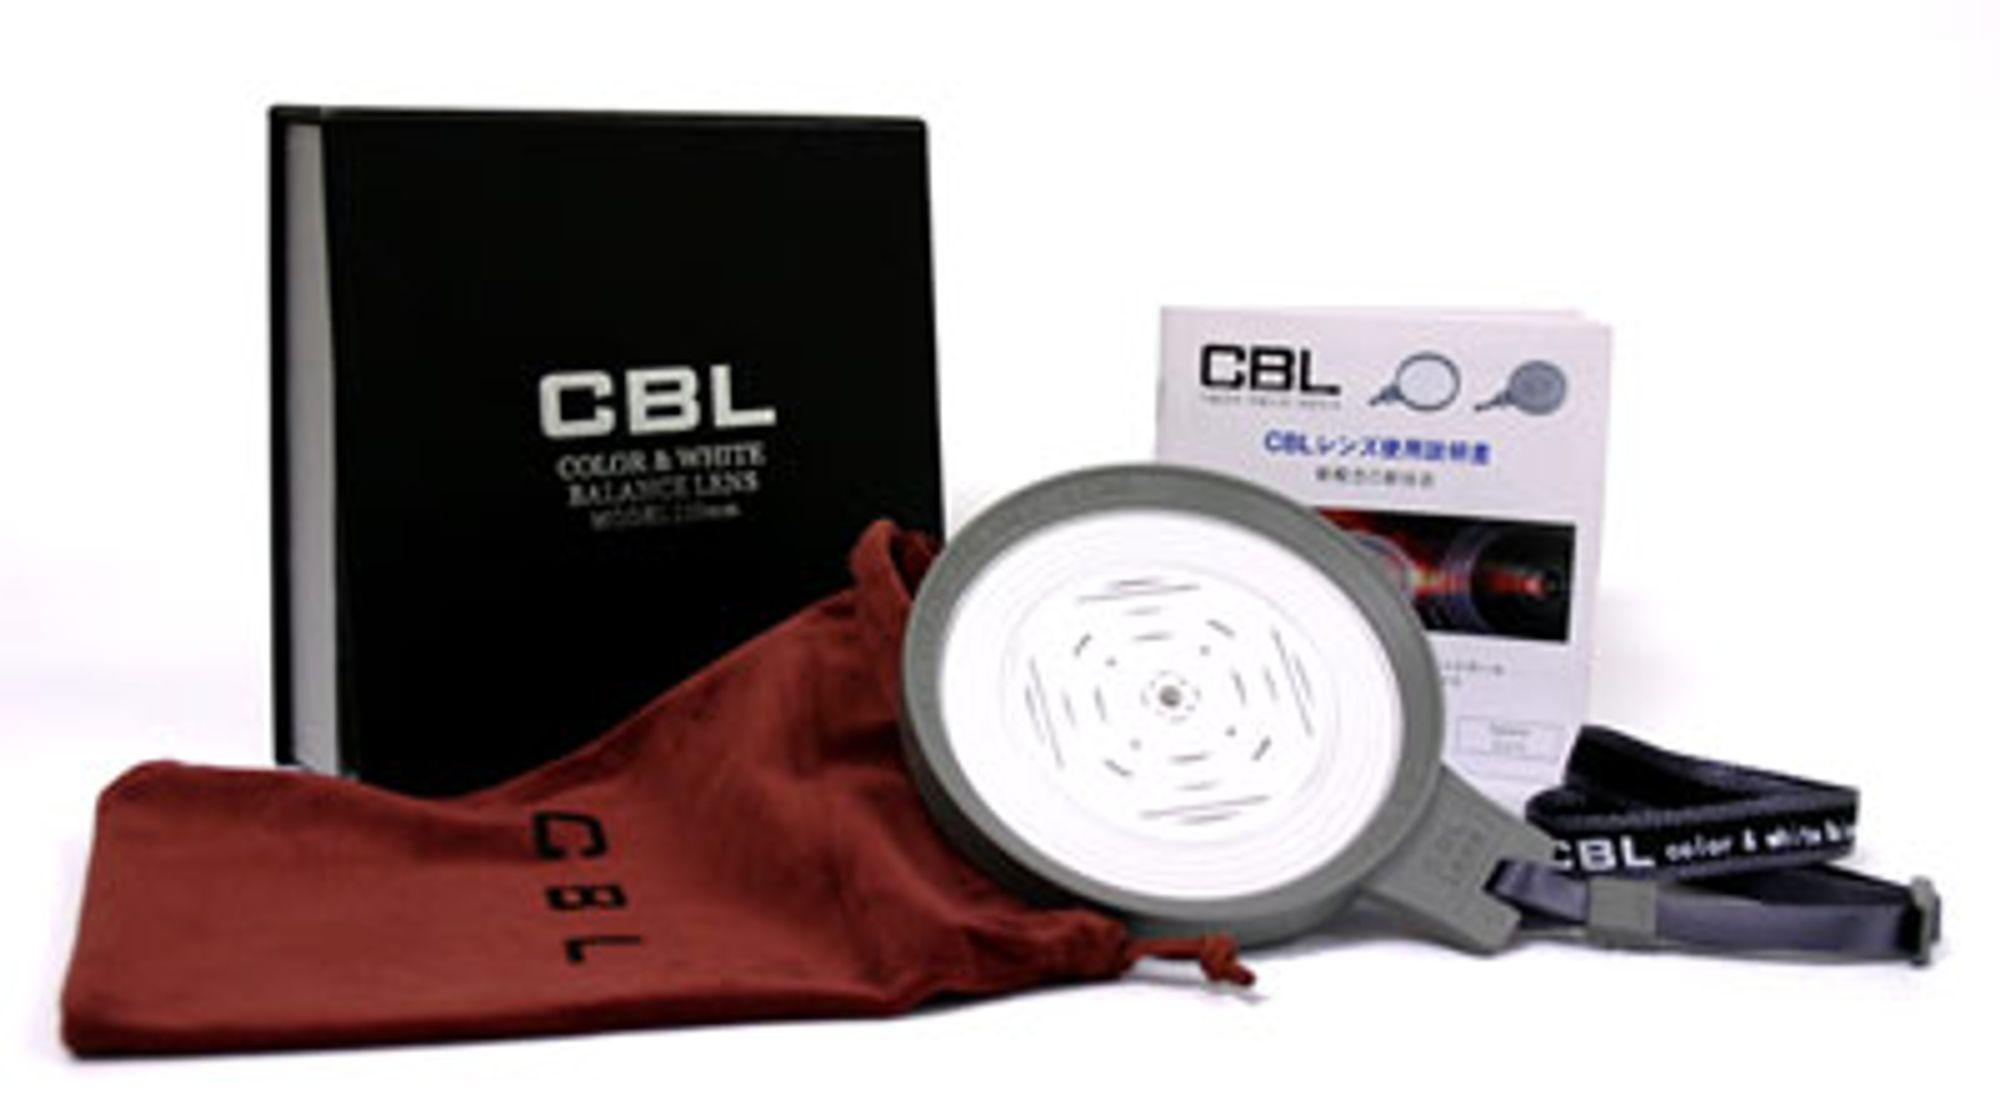 Bedre hvitbalanse med en CBL